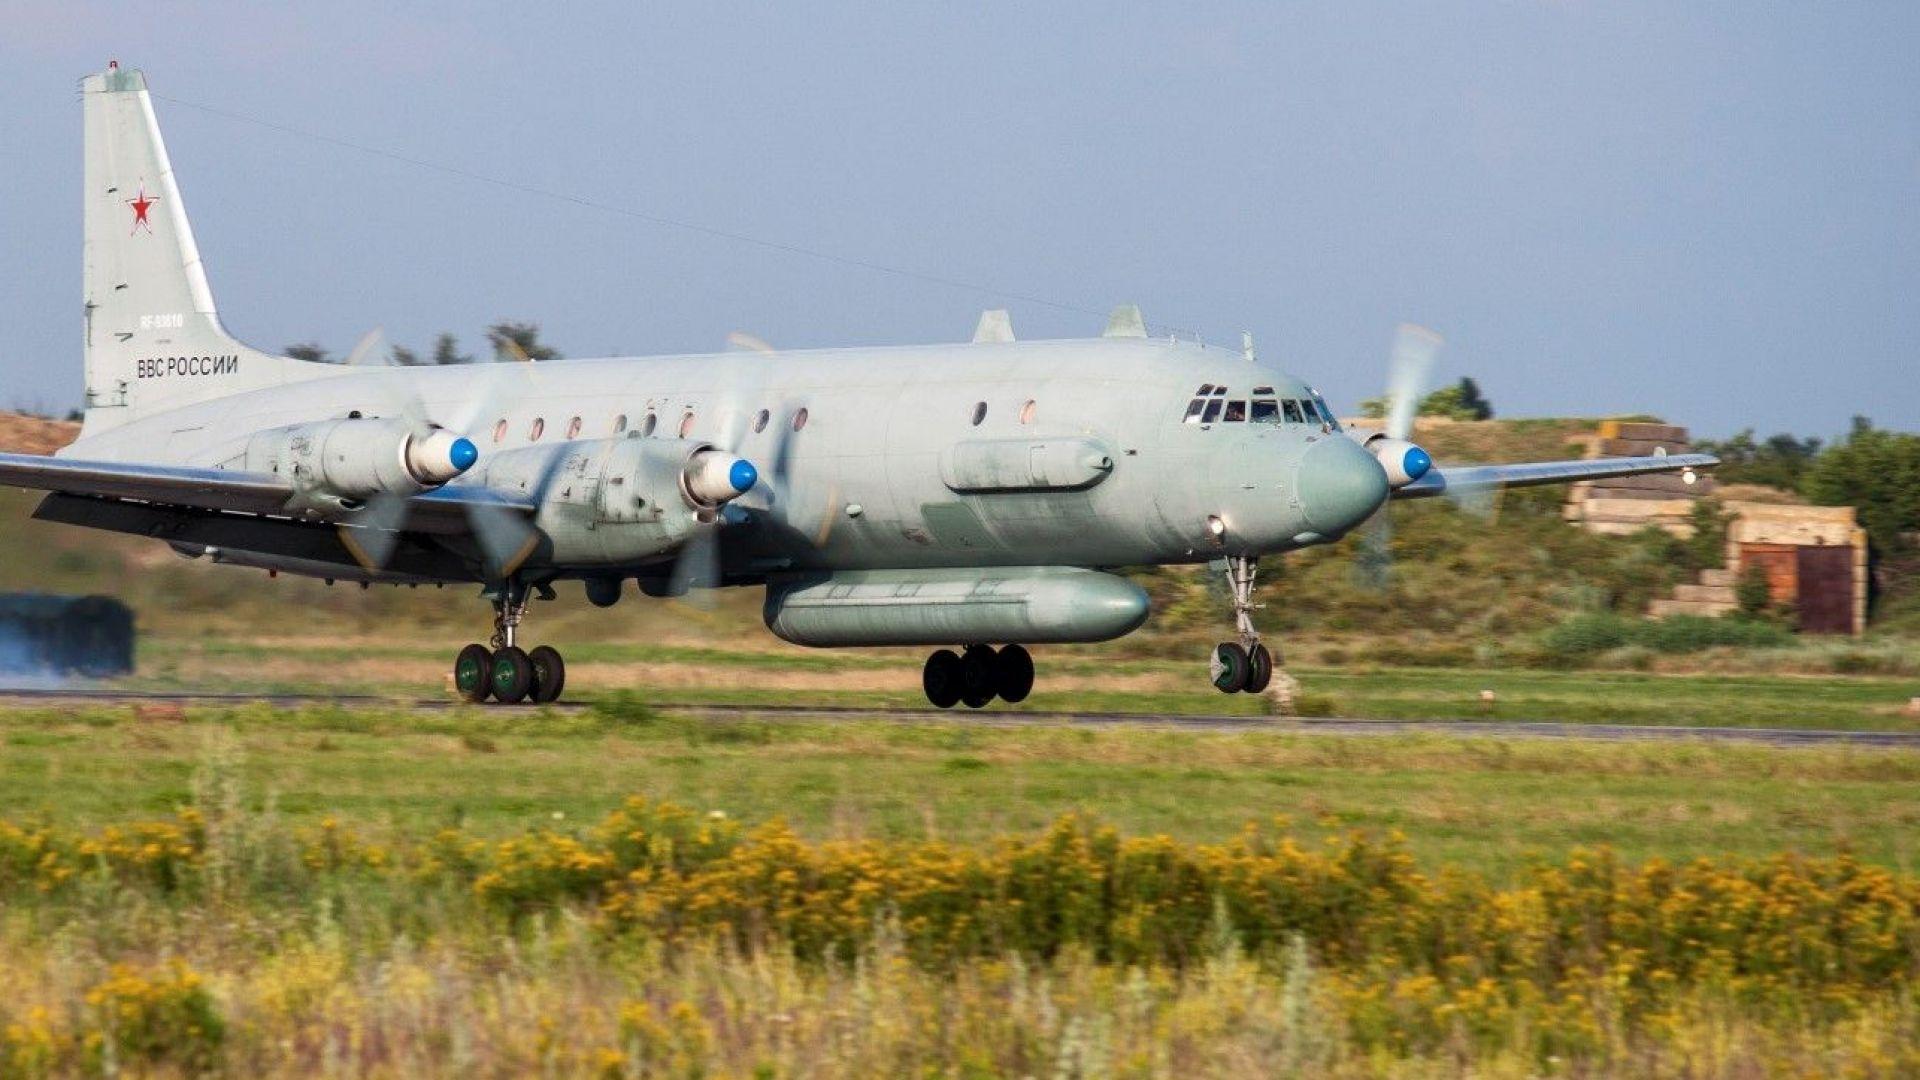 Русия затваря международните води и въздушното пространство близо до Сирия,